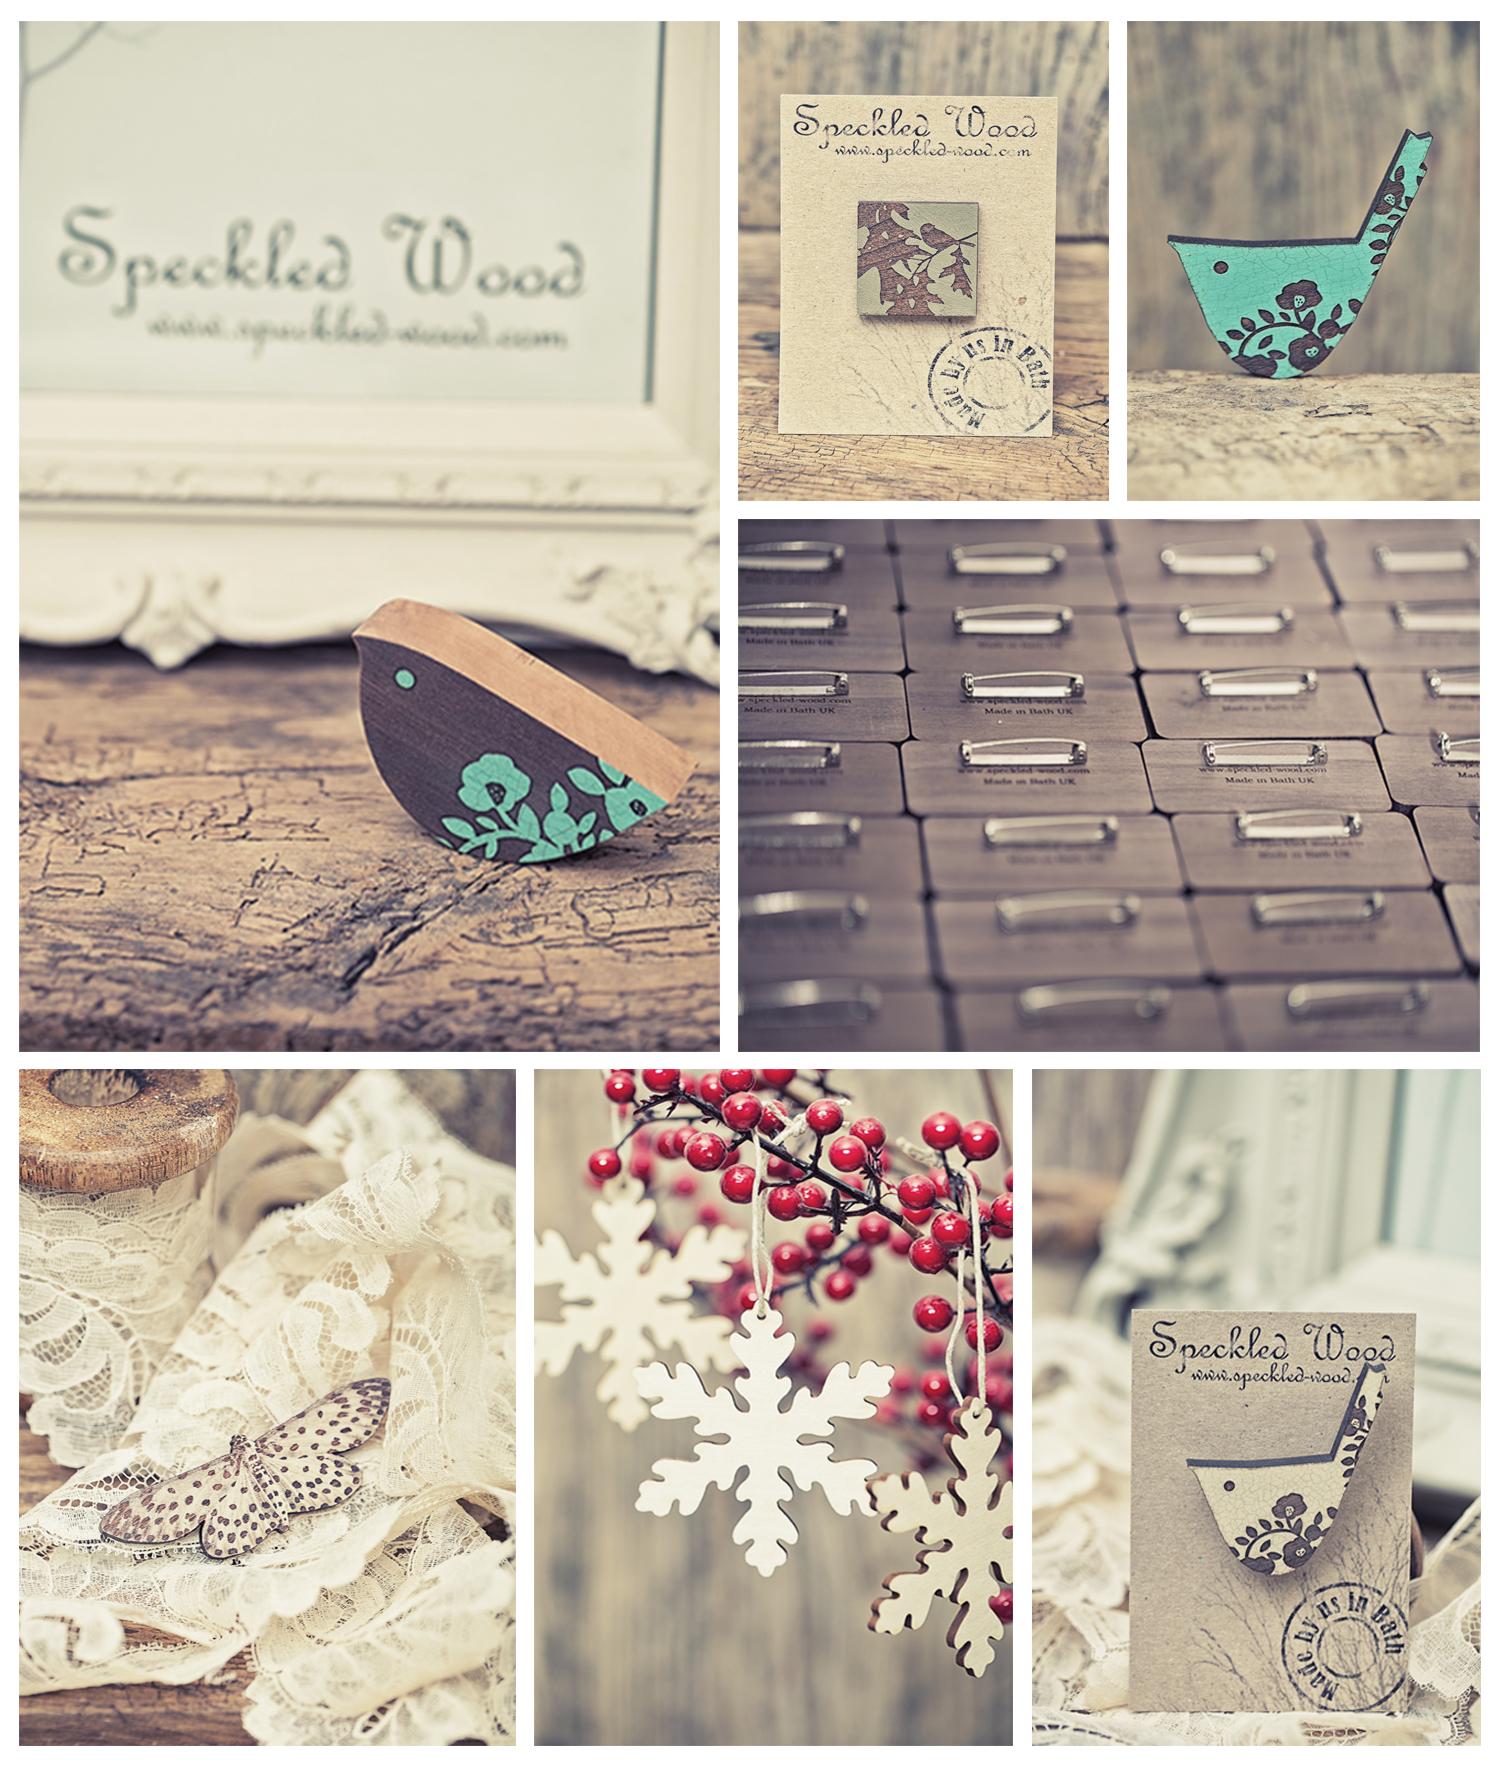 Speckled-wood designs, Bath, UK